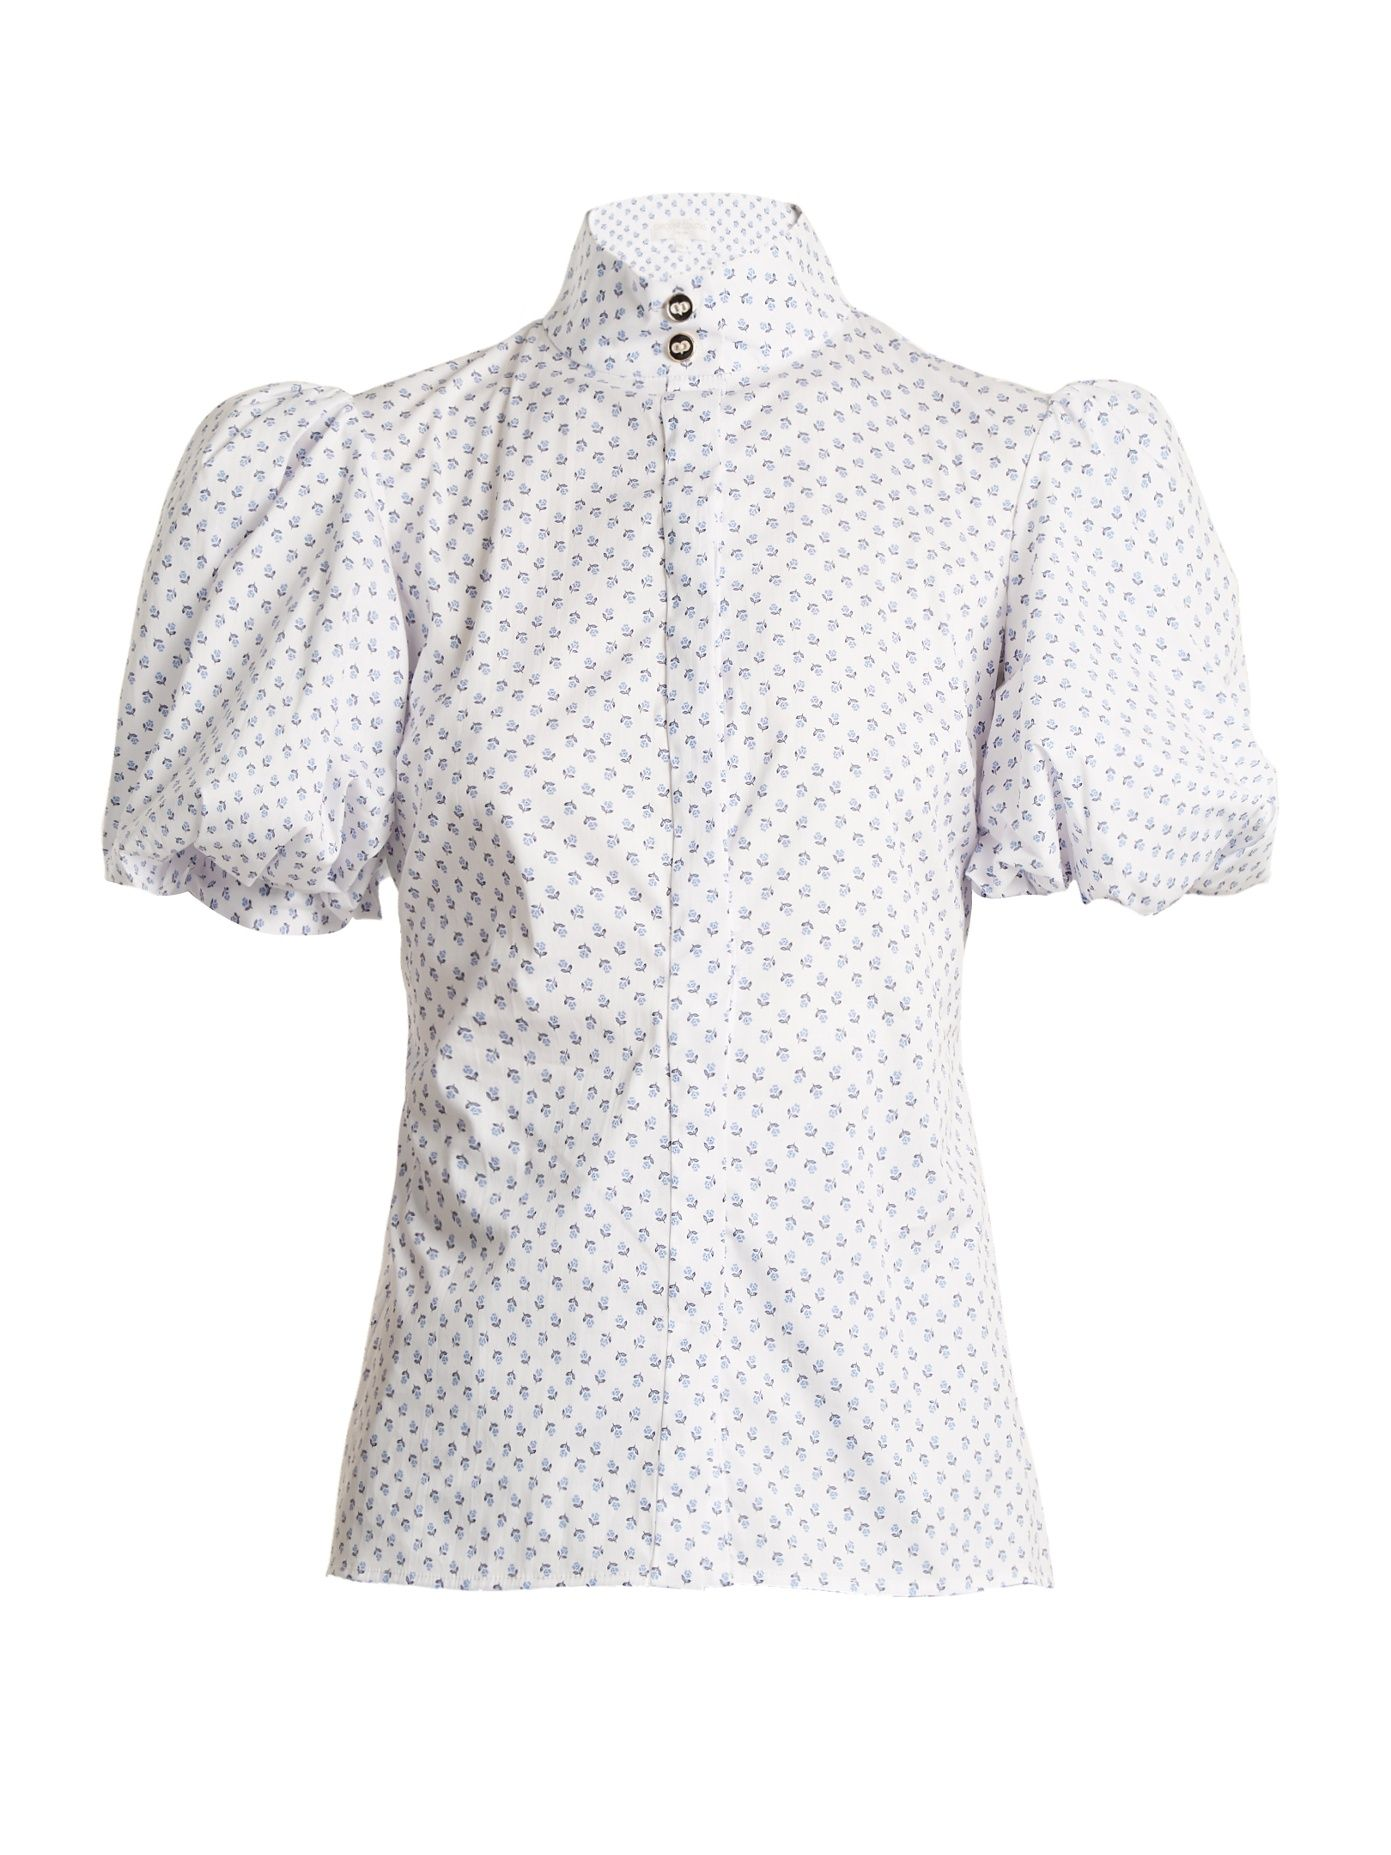 Jaqueline micro floral-print cotton shirt Caroline Constas Best Sale Sale Online Buy Cheap Reliable Big Discount Cheap Price BpQRcA